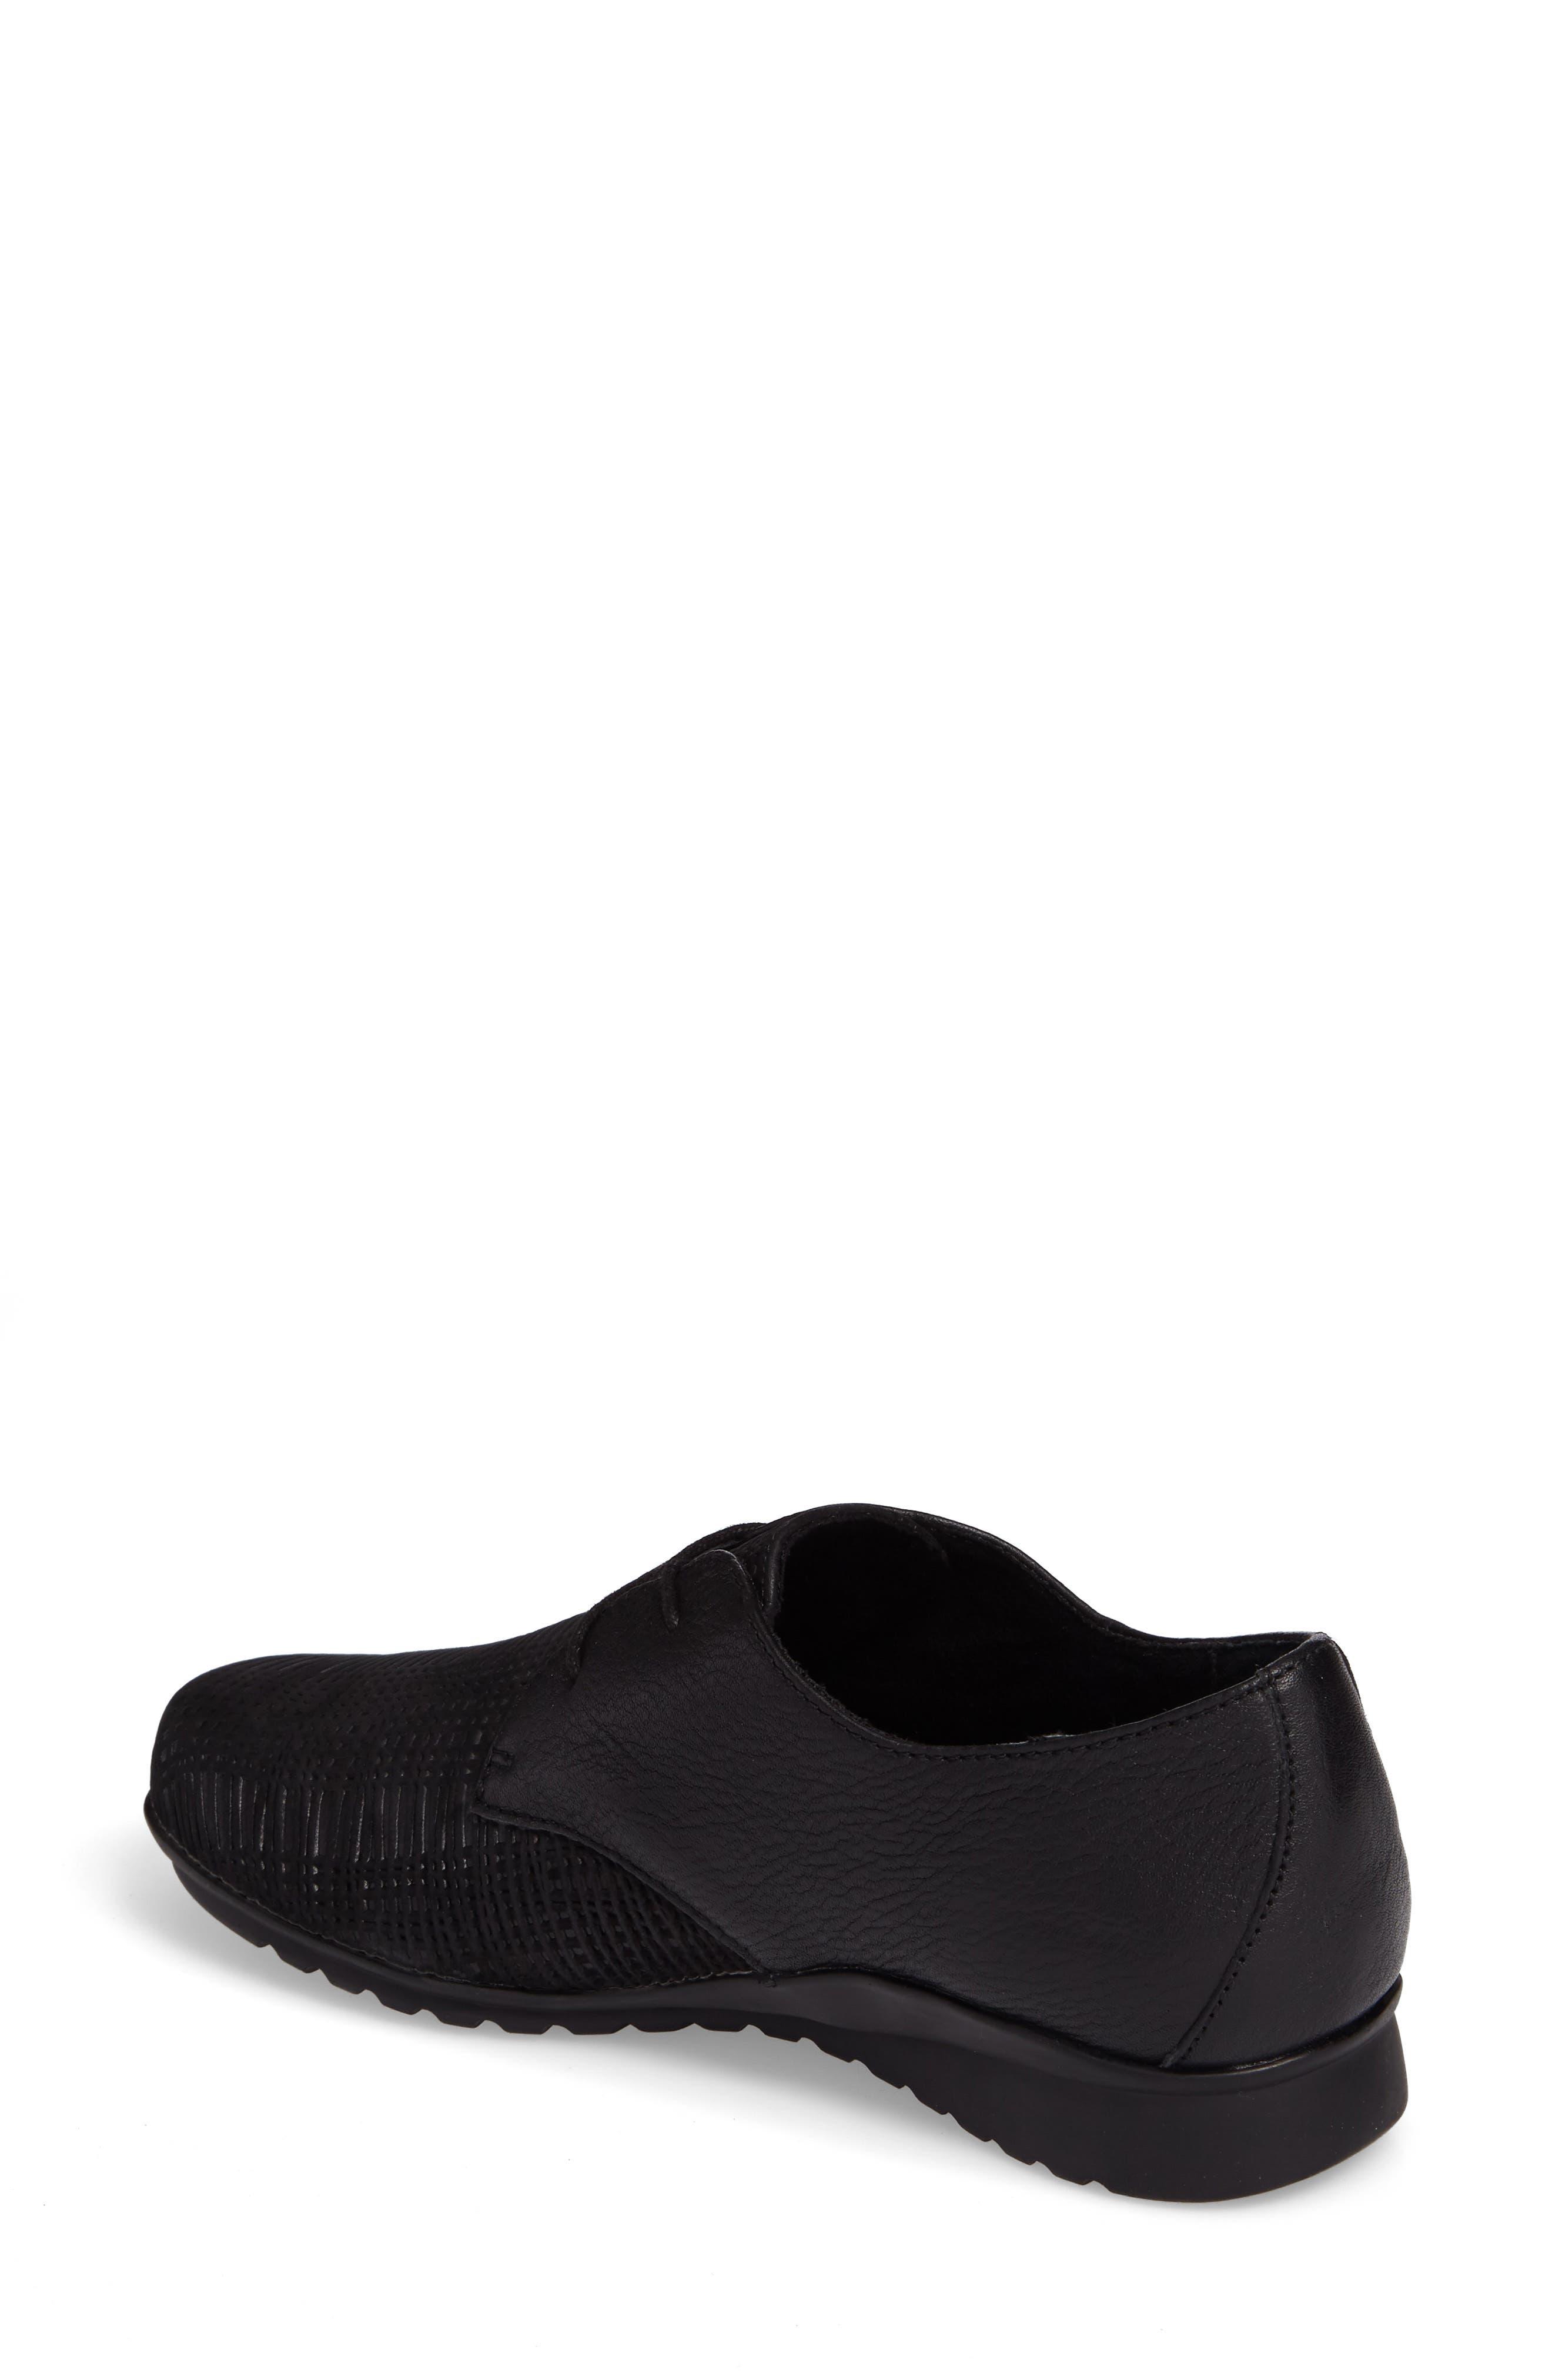 75c73489954 saddle shoe